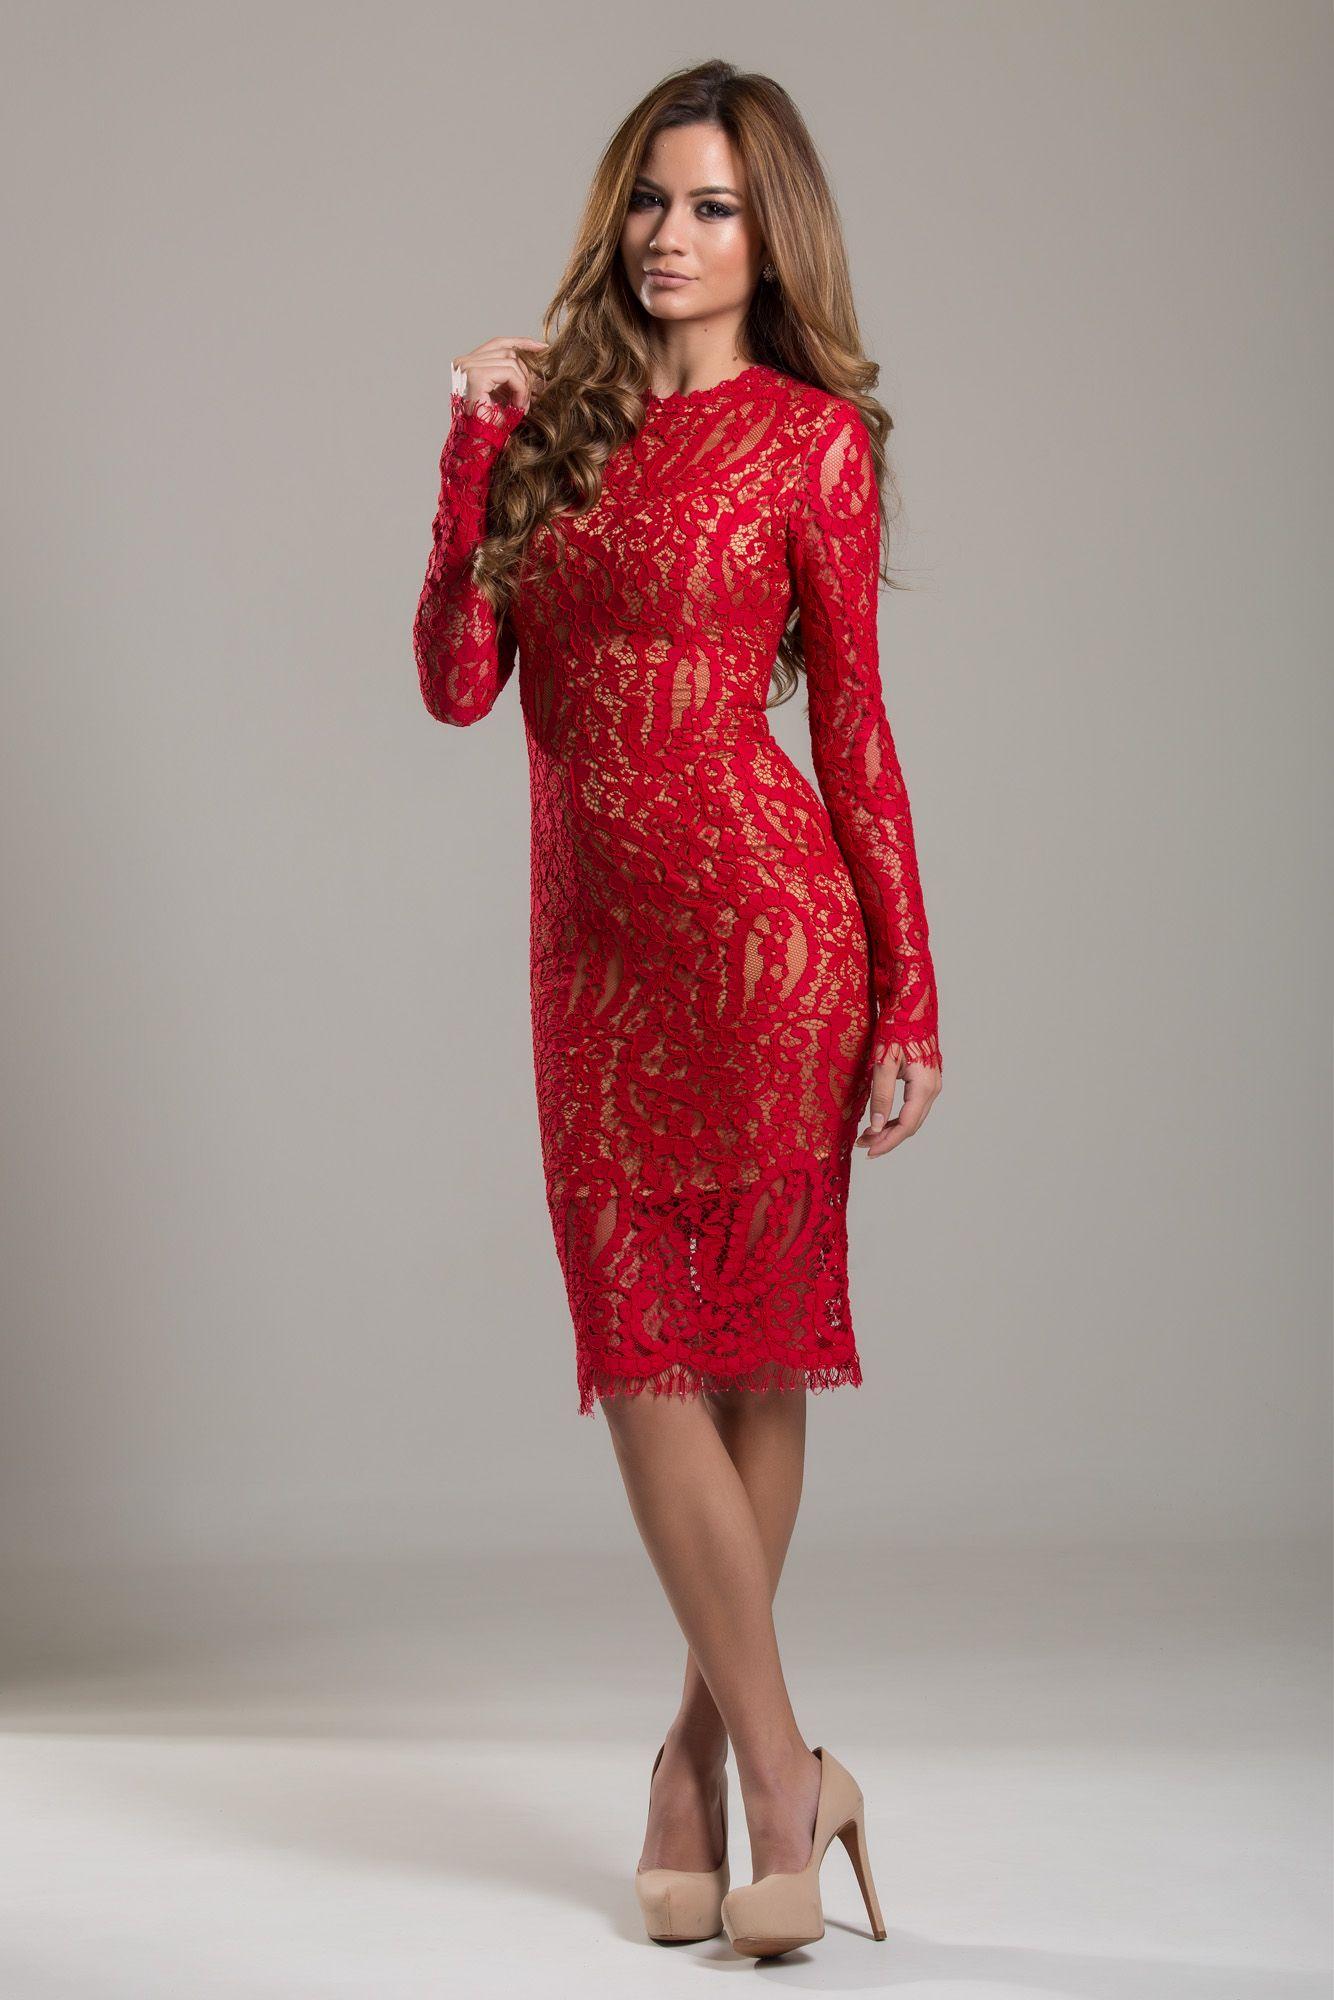 91a5ec0f1 Midi Fabulous - Vestido midi Vermelho com manga de renda especial para  aluguel de formatura e convidada de casamento no inverno.